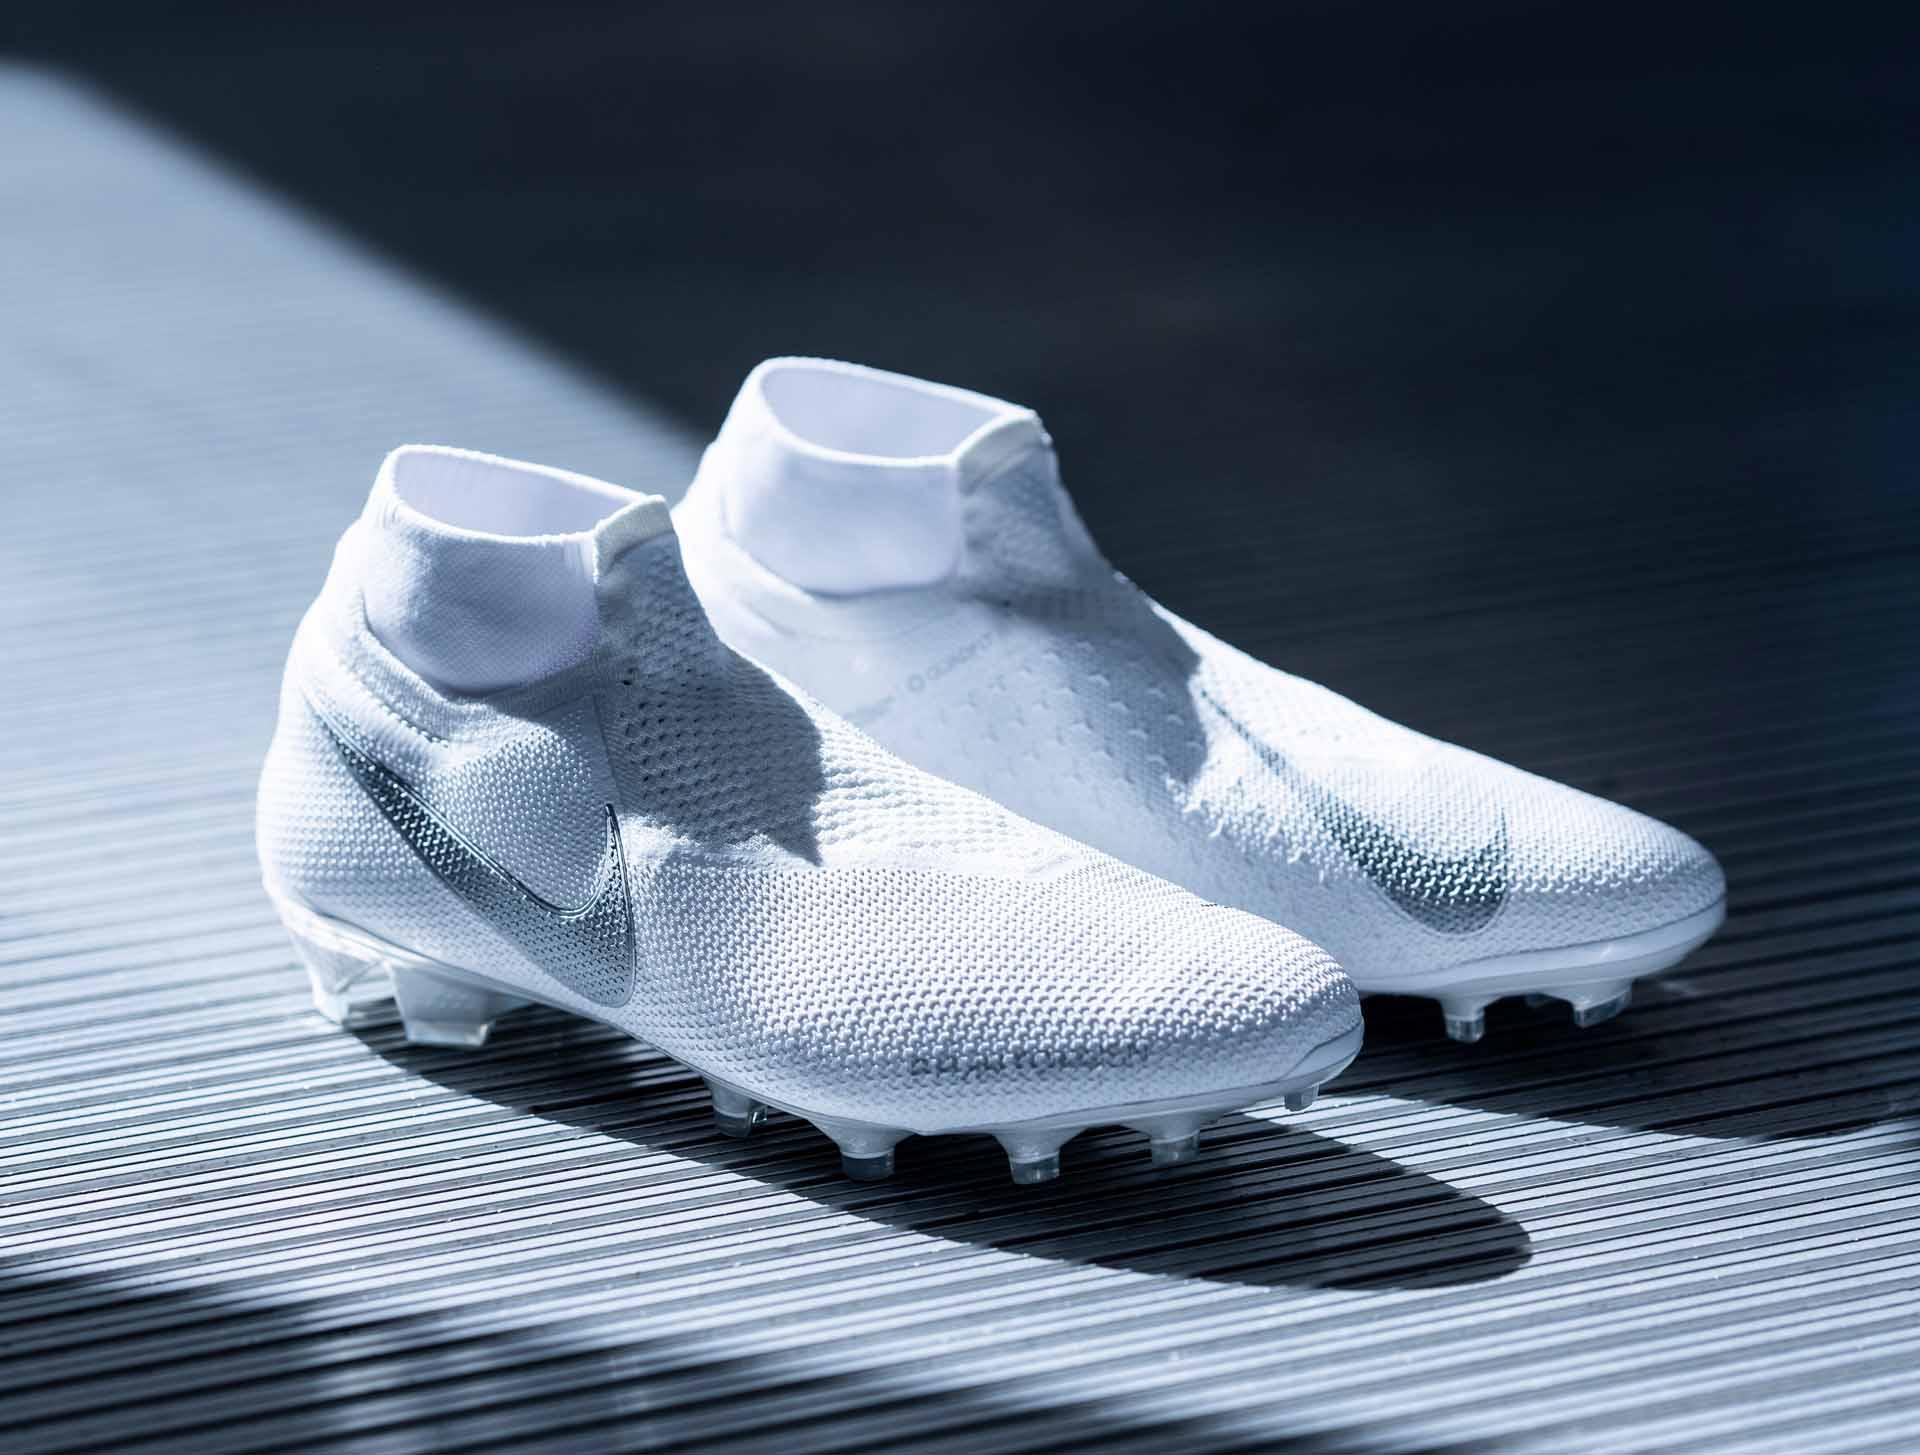 Giày đá banh Nike PhantomVSN từ bộ sưu tập